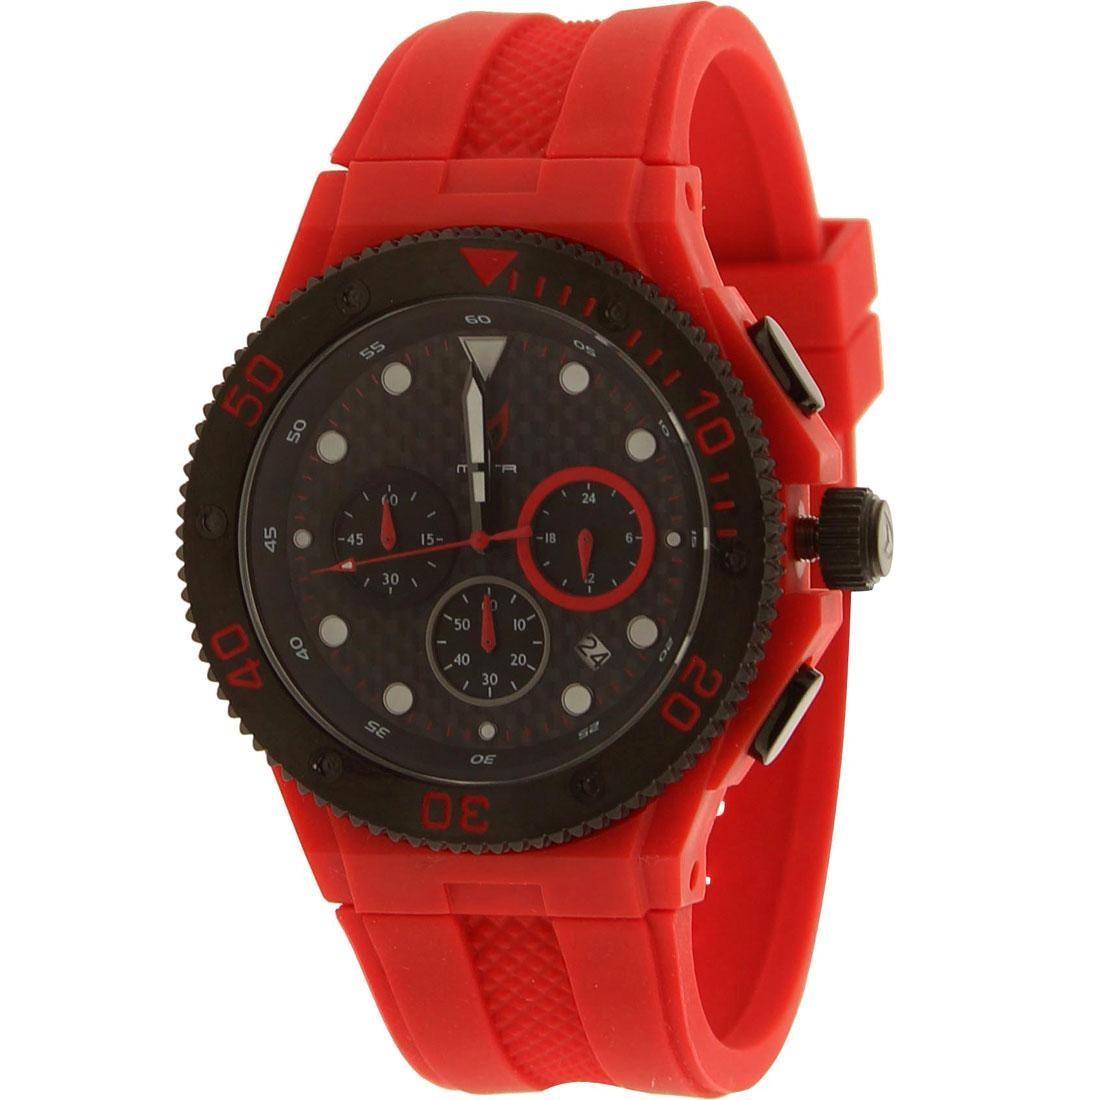 ベース bass meister ambassador plastic mk2 watch red アンバサダー プラスチック ウォッチ 時計 男女兼用腕時計 腕時計